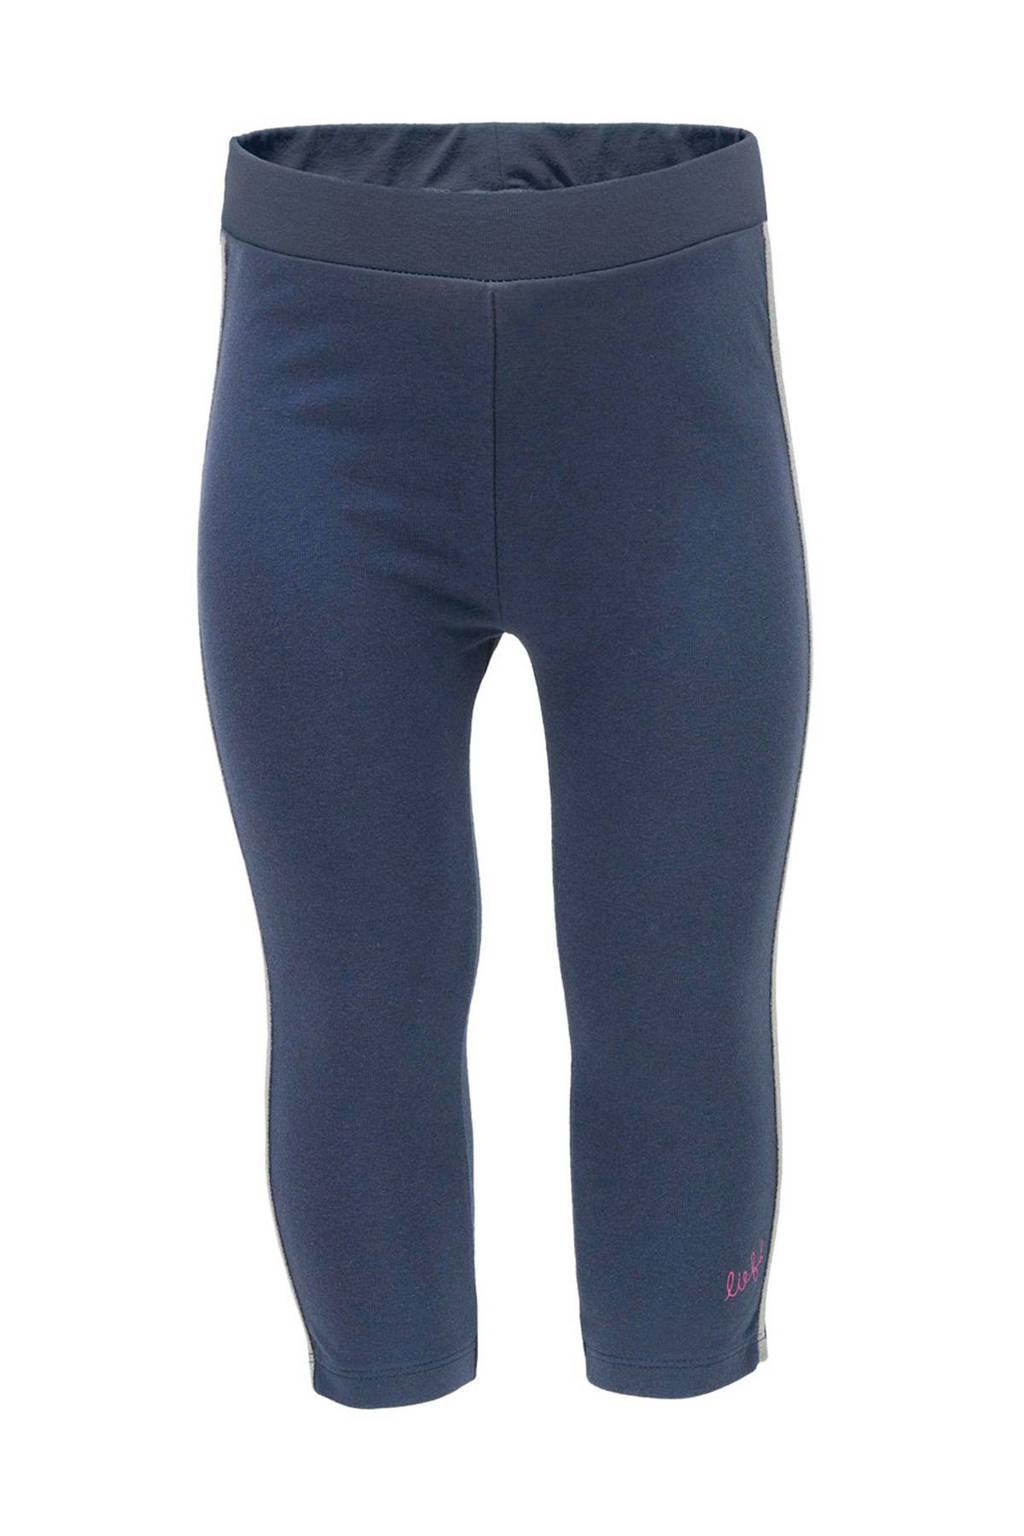 lief! legging met zijstreep blauw, Donkerblauw/zilver